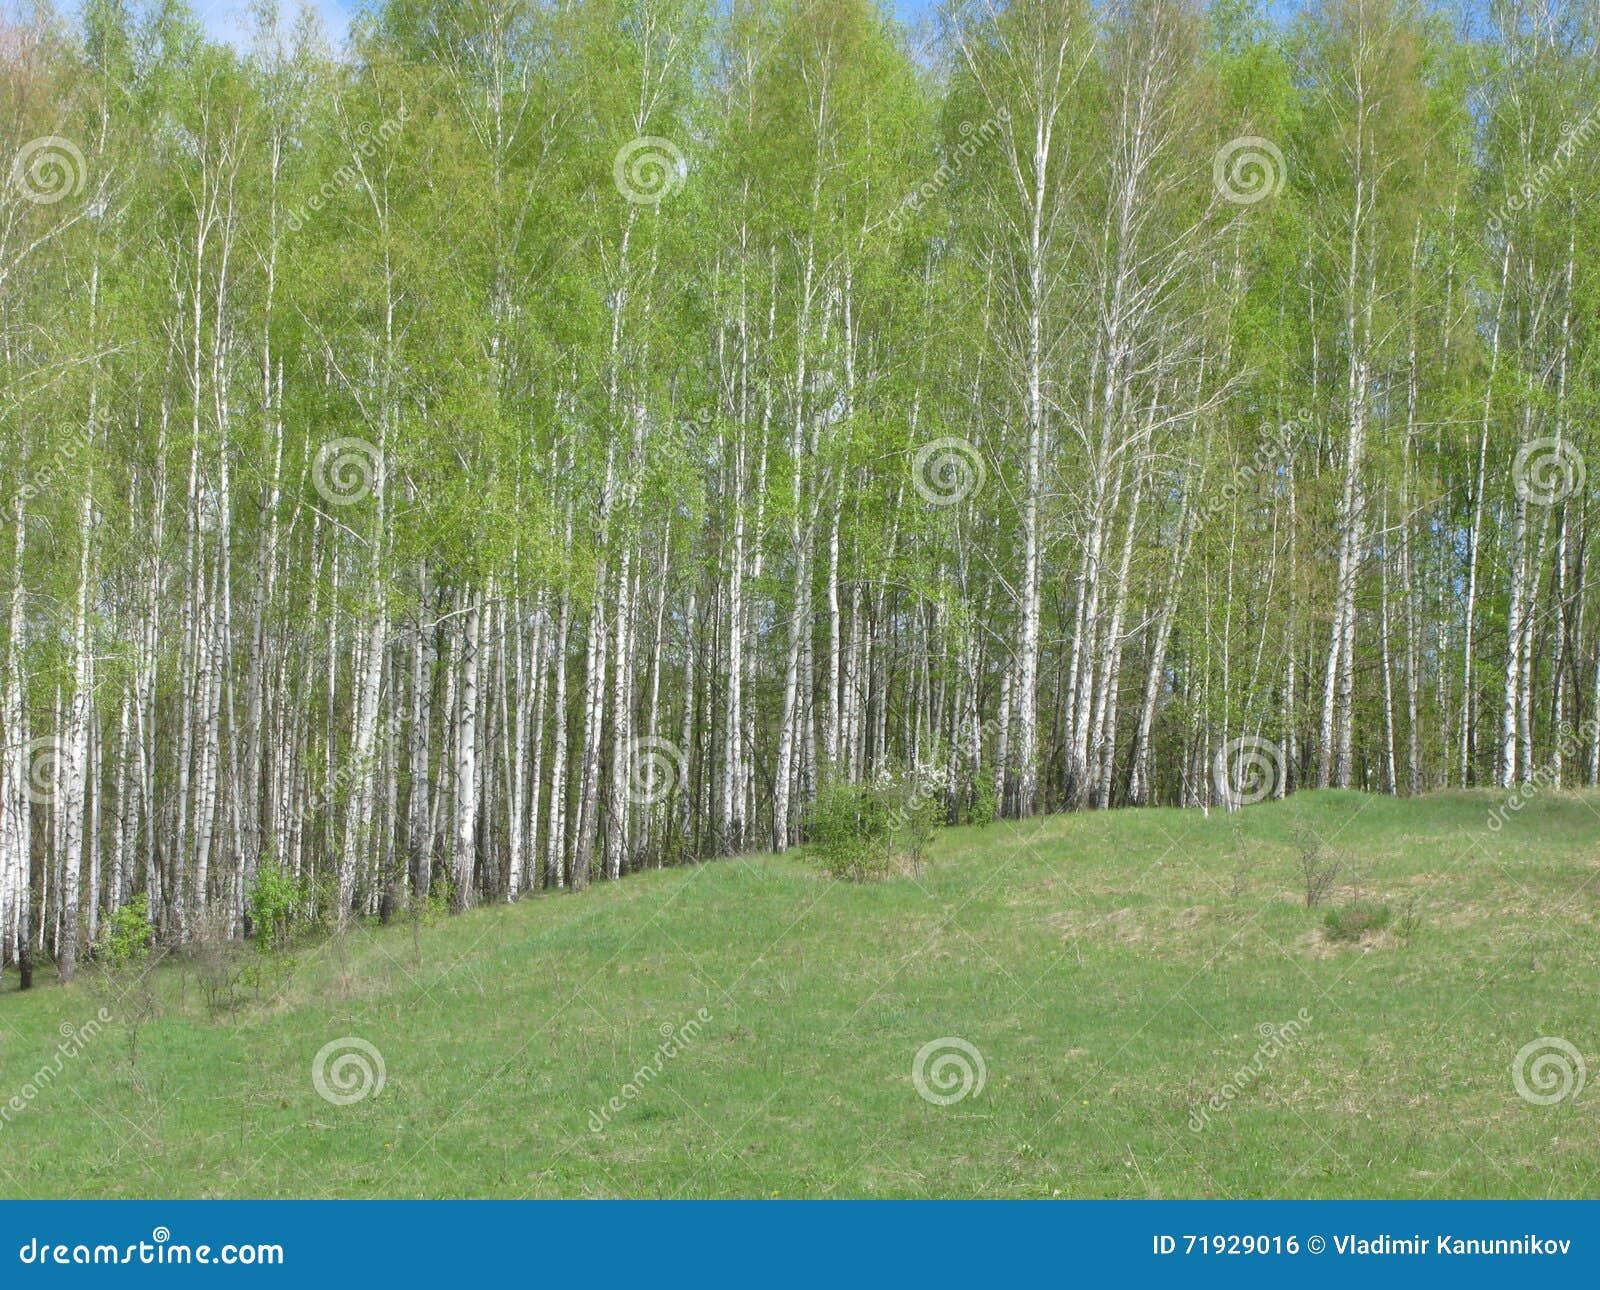 ландшафта фокуса поля дня облаков сини небо выставки заводов движения должного польностью зеленого маленькое не некоторые скачут